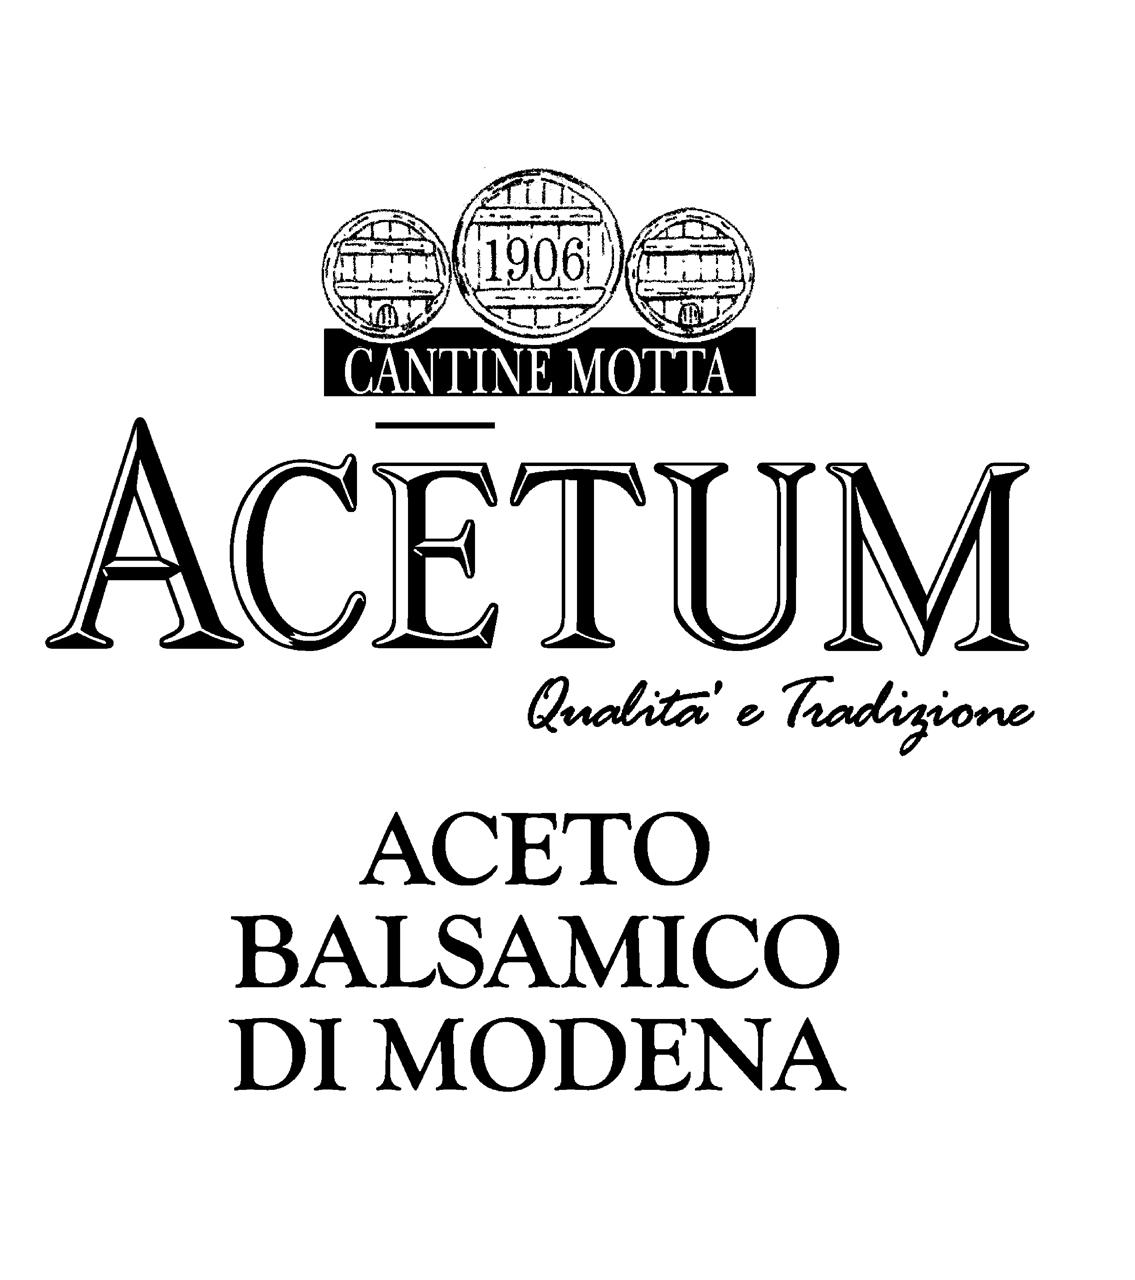 Acetum